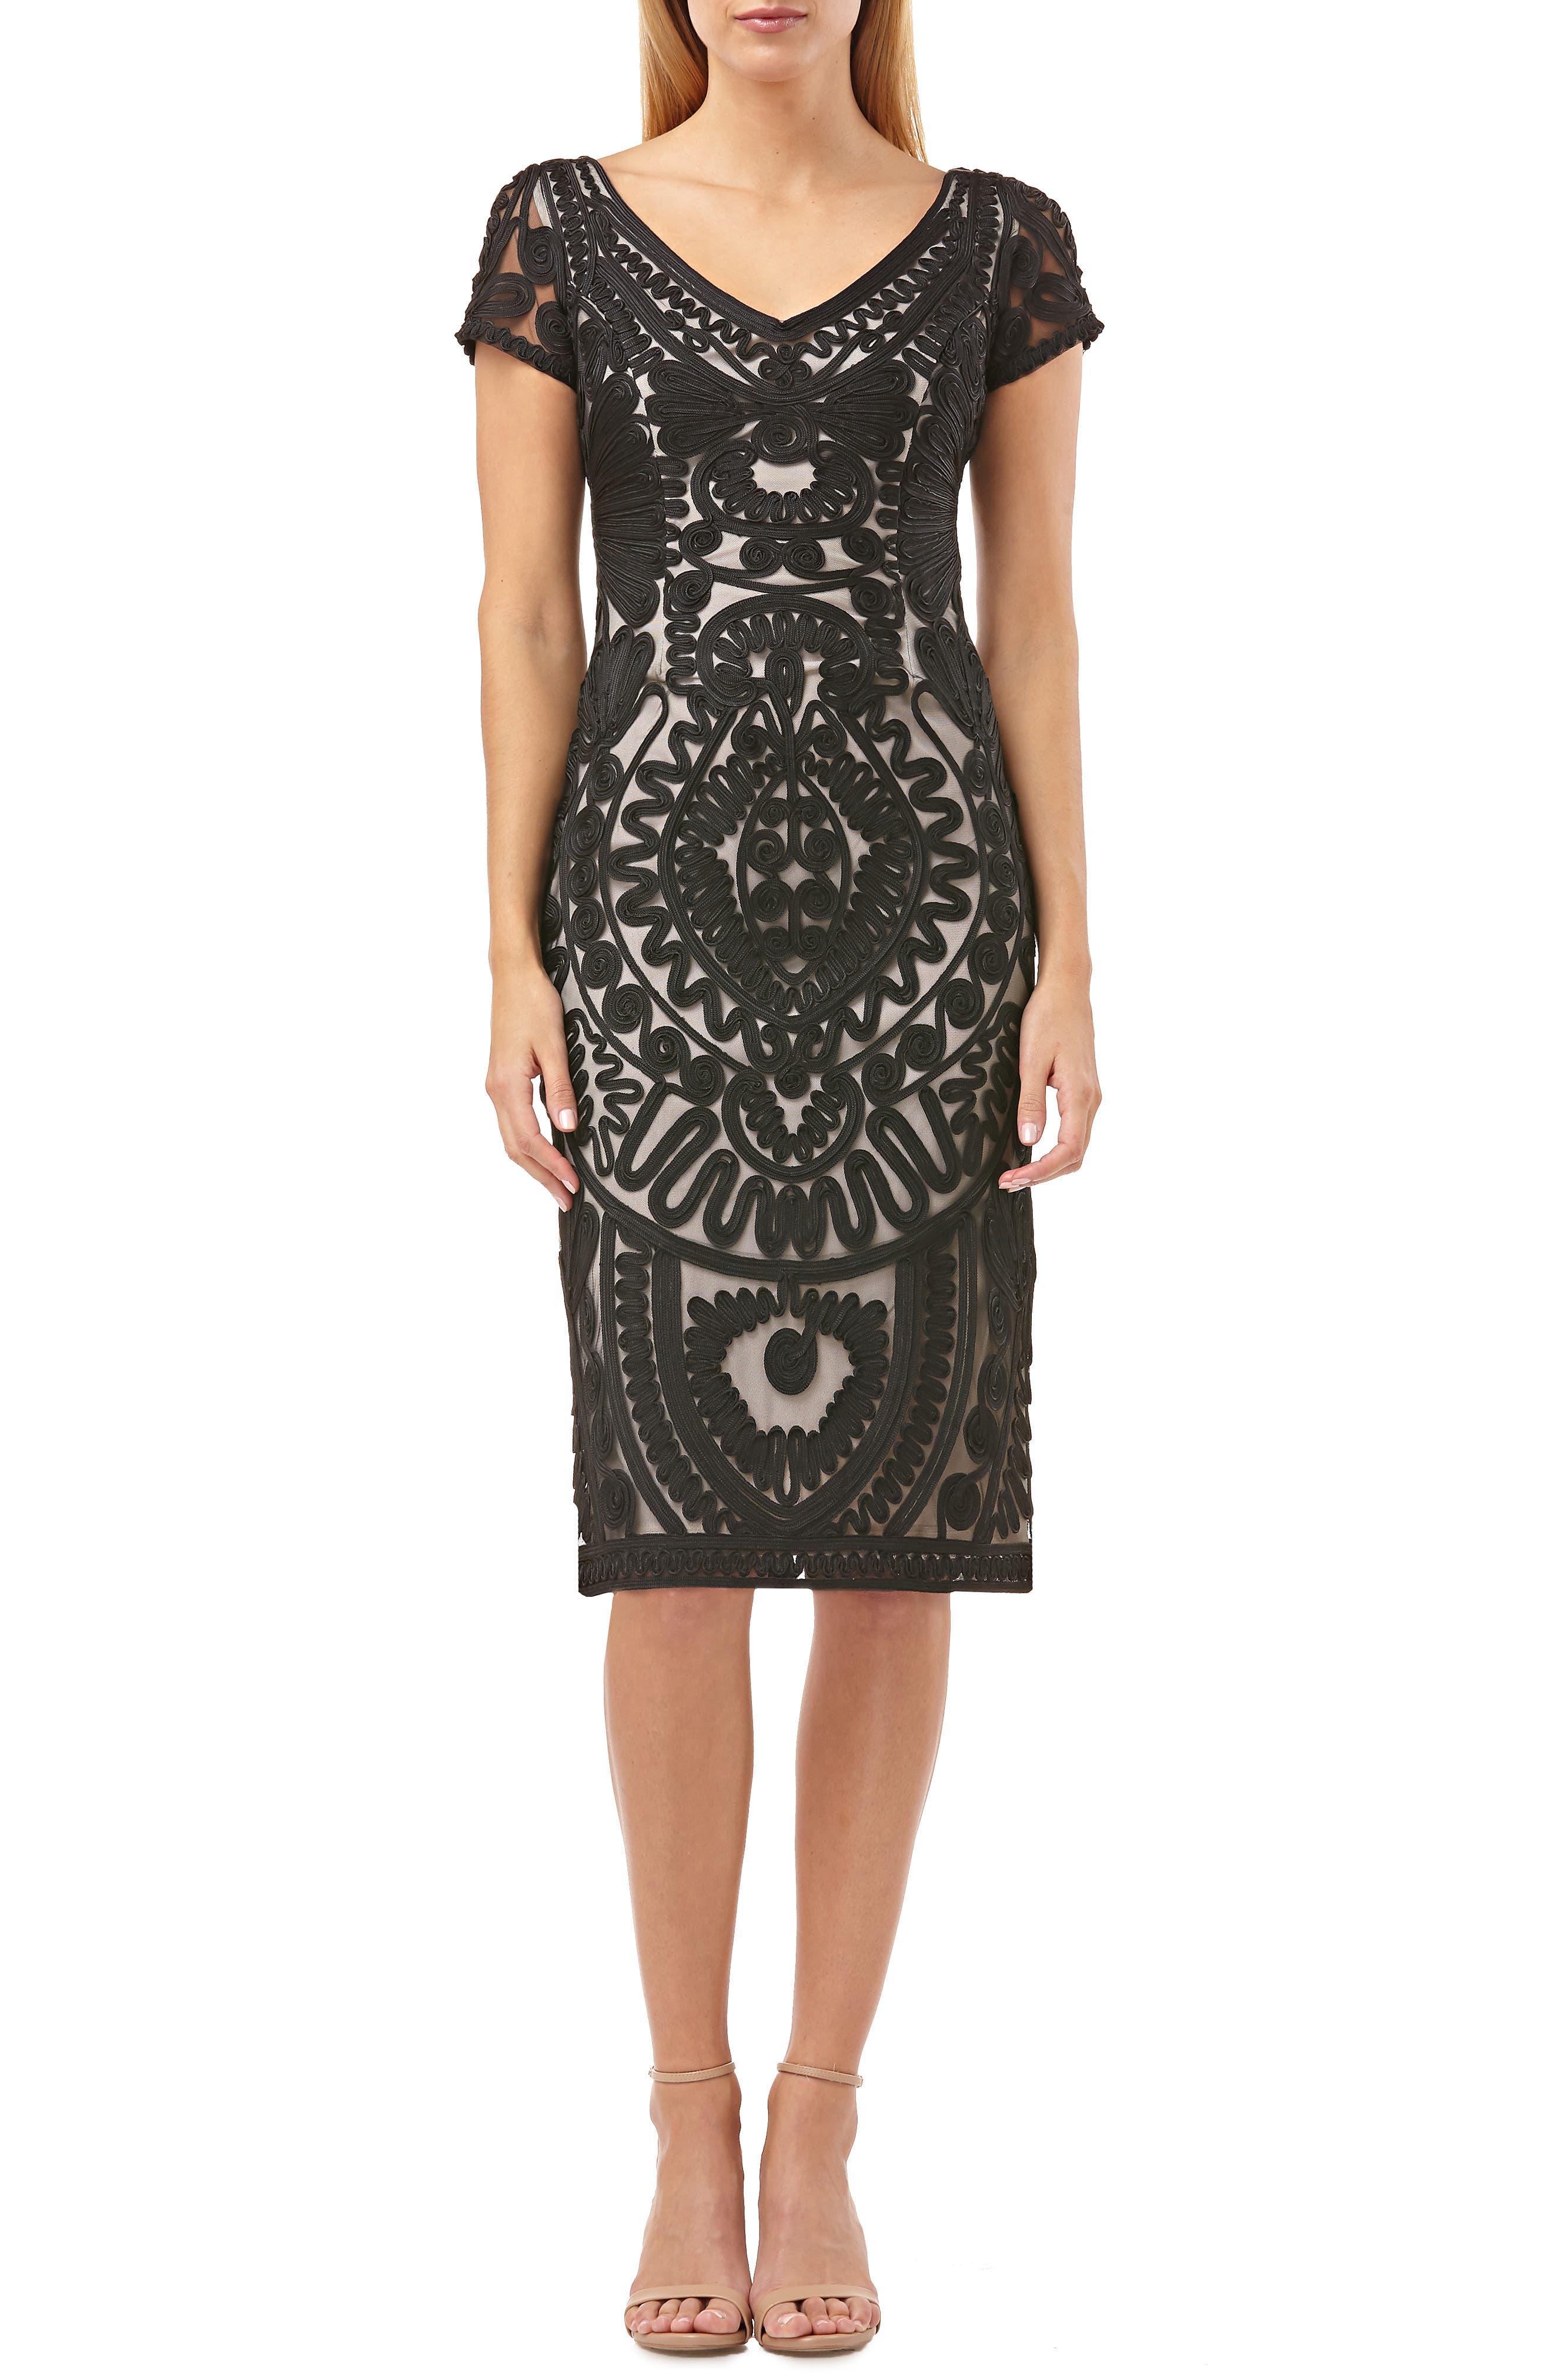 Js Collections Short Sleeve Soutache Mesh Cocktail Dress, Black